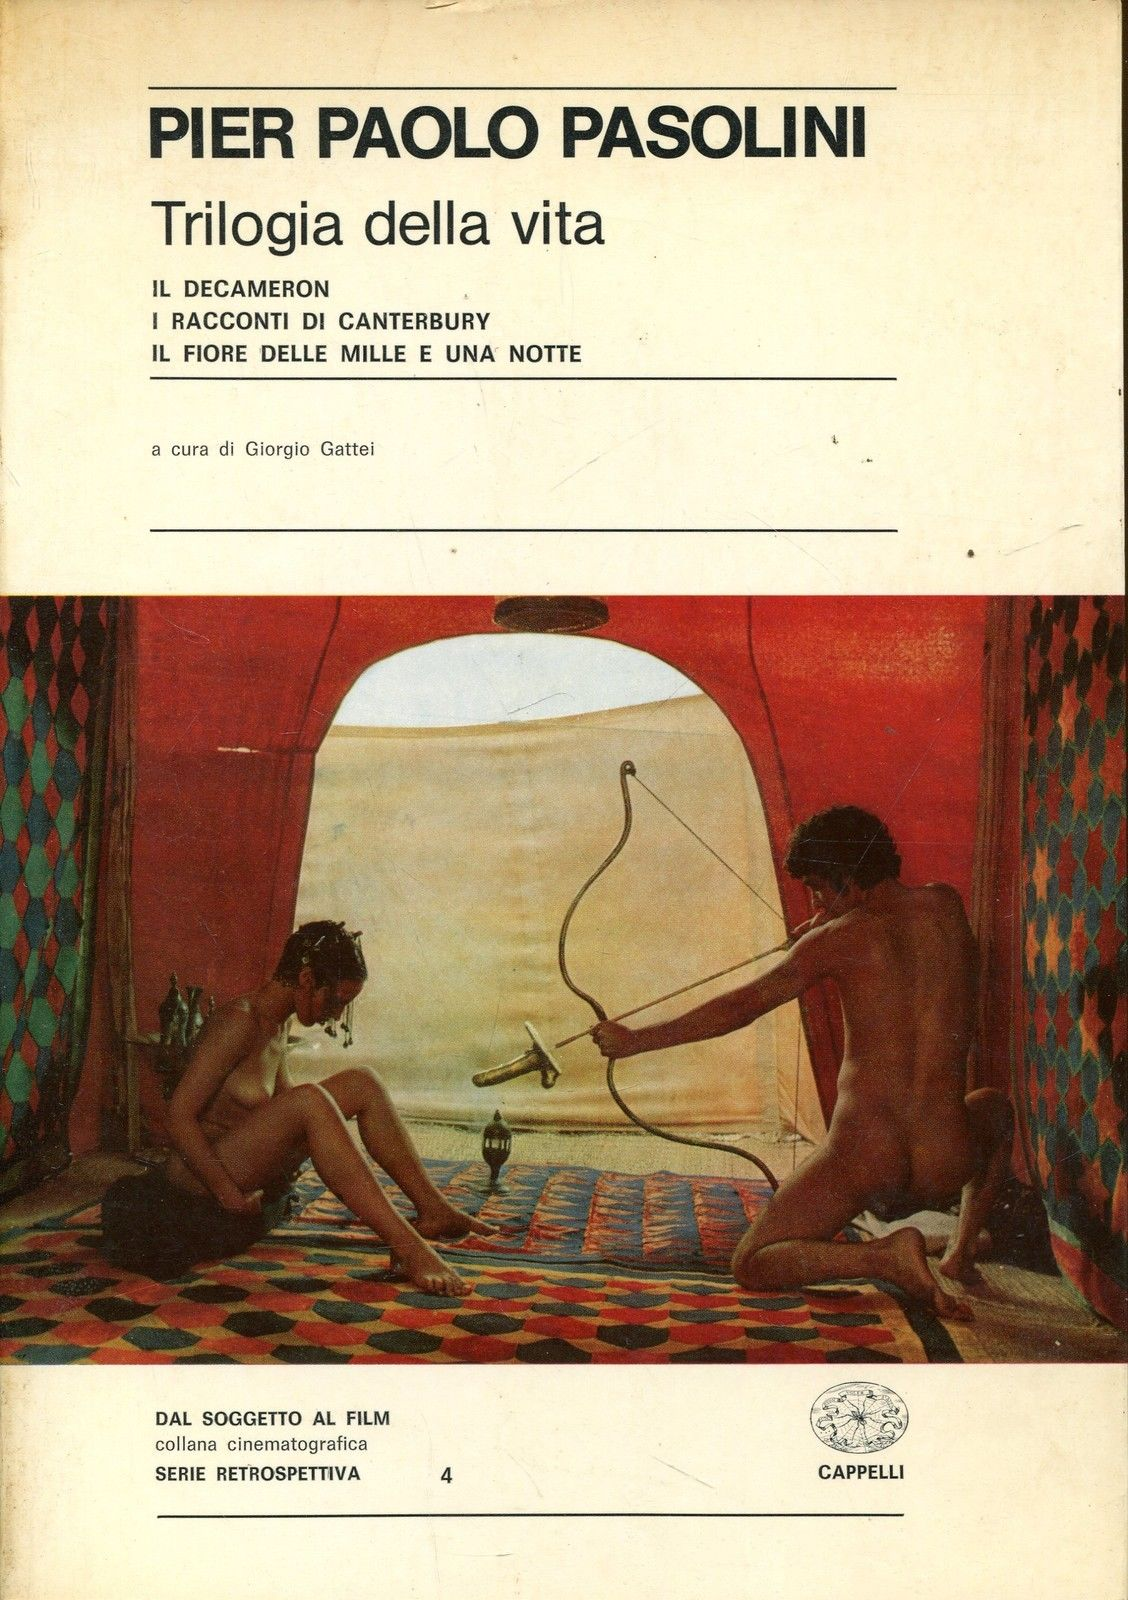 La trilogia della vita di Pier Paolo Pasolini : Decameron / I racconti di Canterbury / Il fiore delle Mille e una notte – Sceneggiature